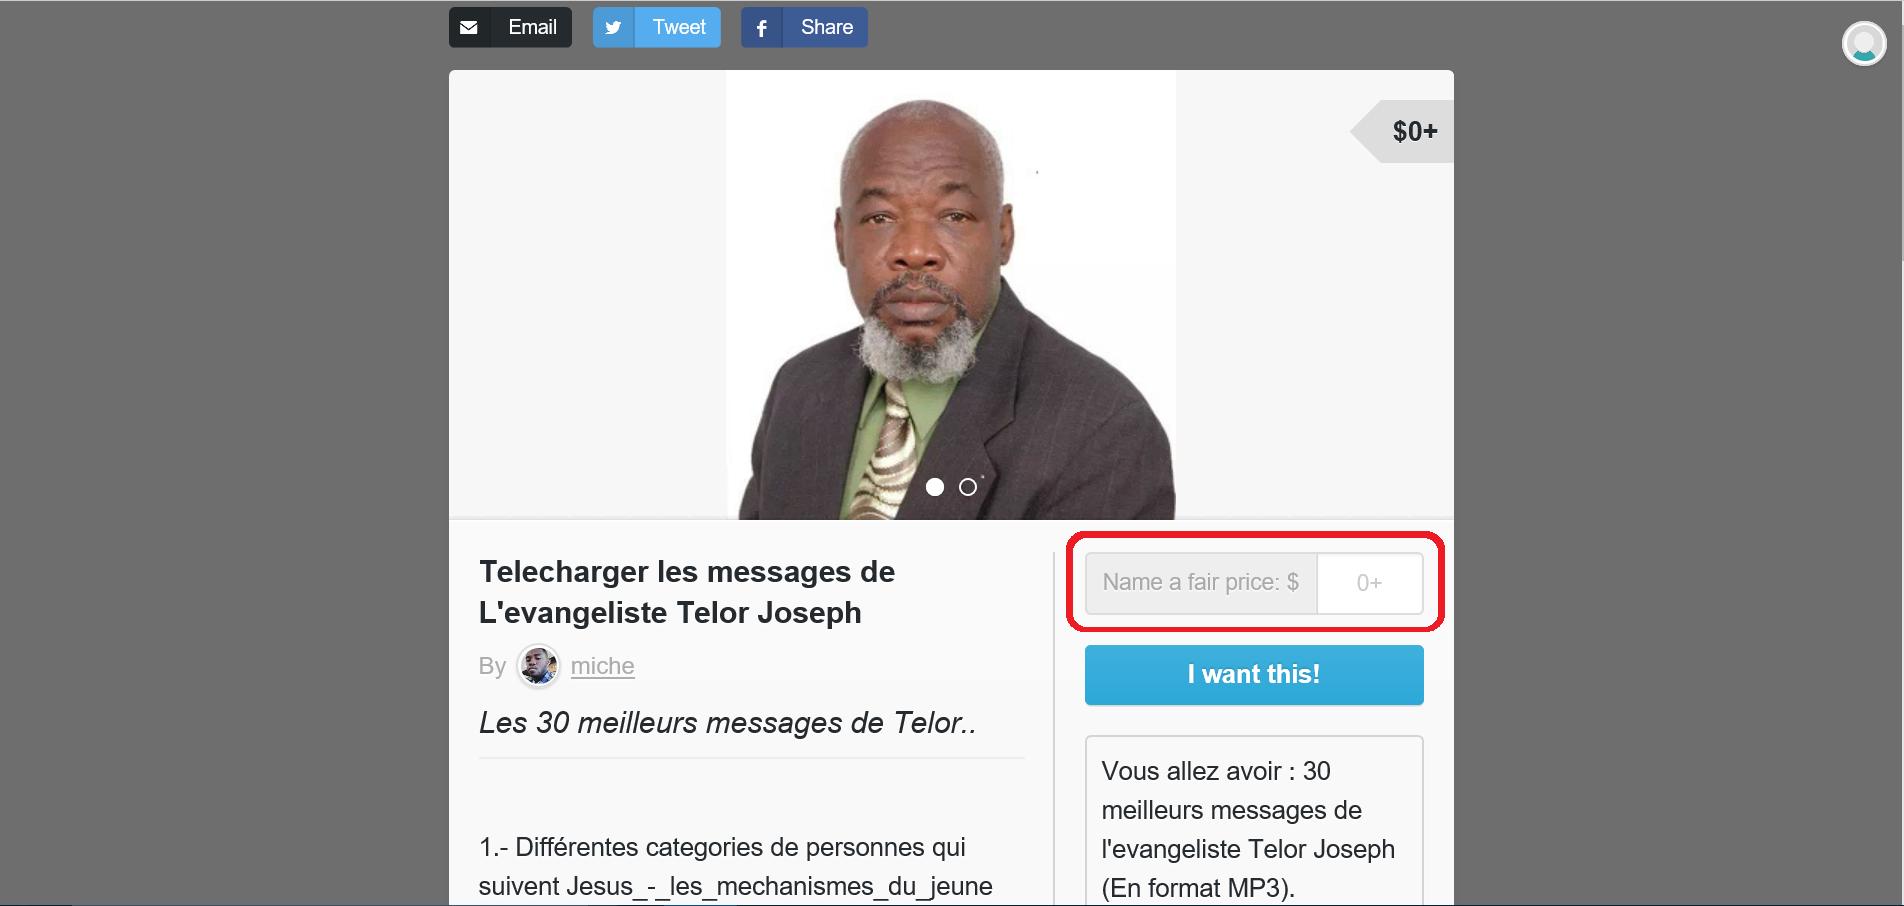 Télécharger les messages de l'evangeliste Telor Joseph - Tutoriel - Screenshot 2